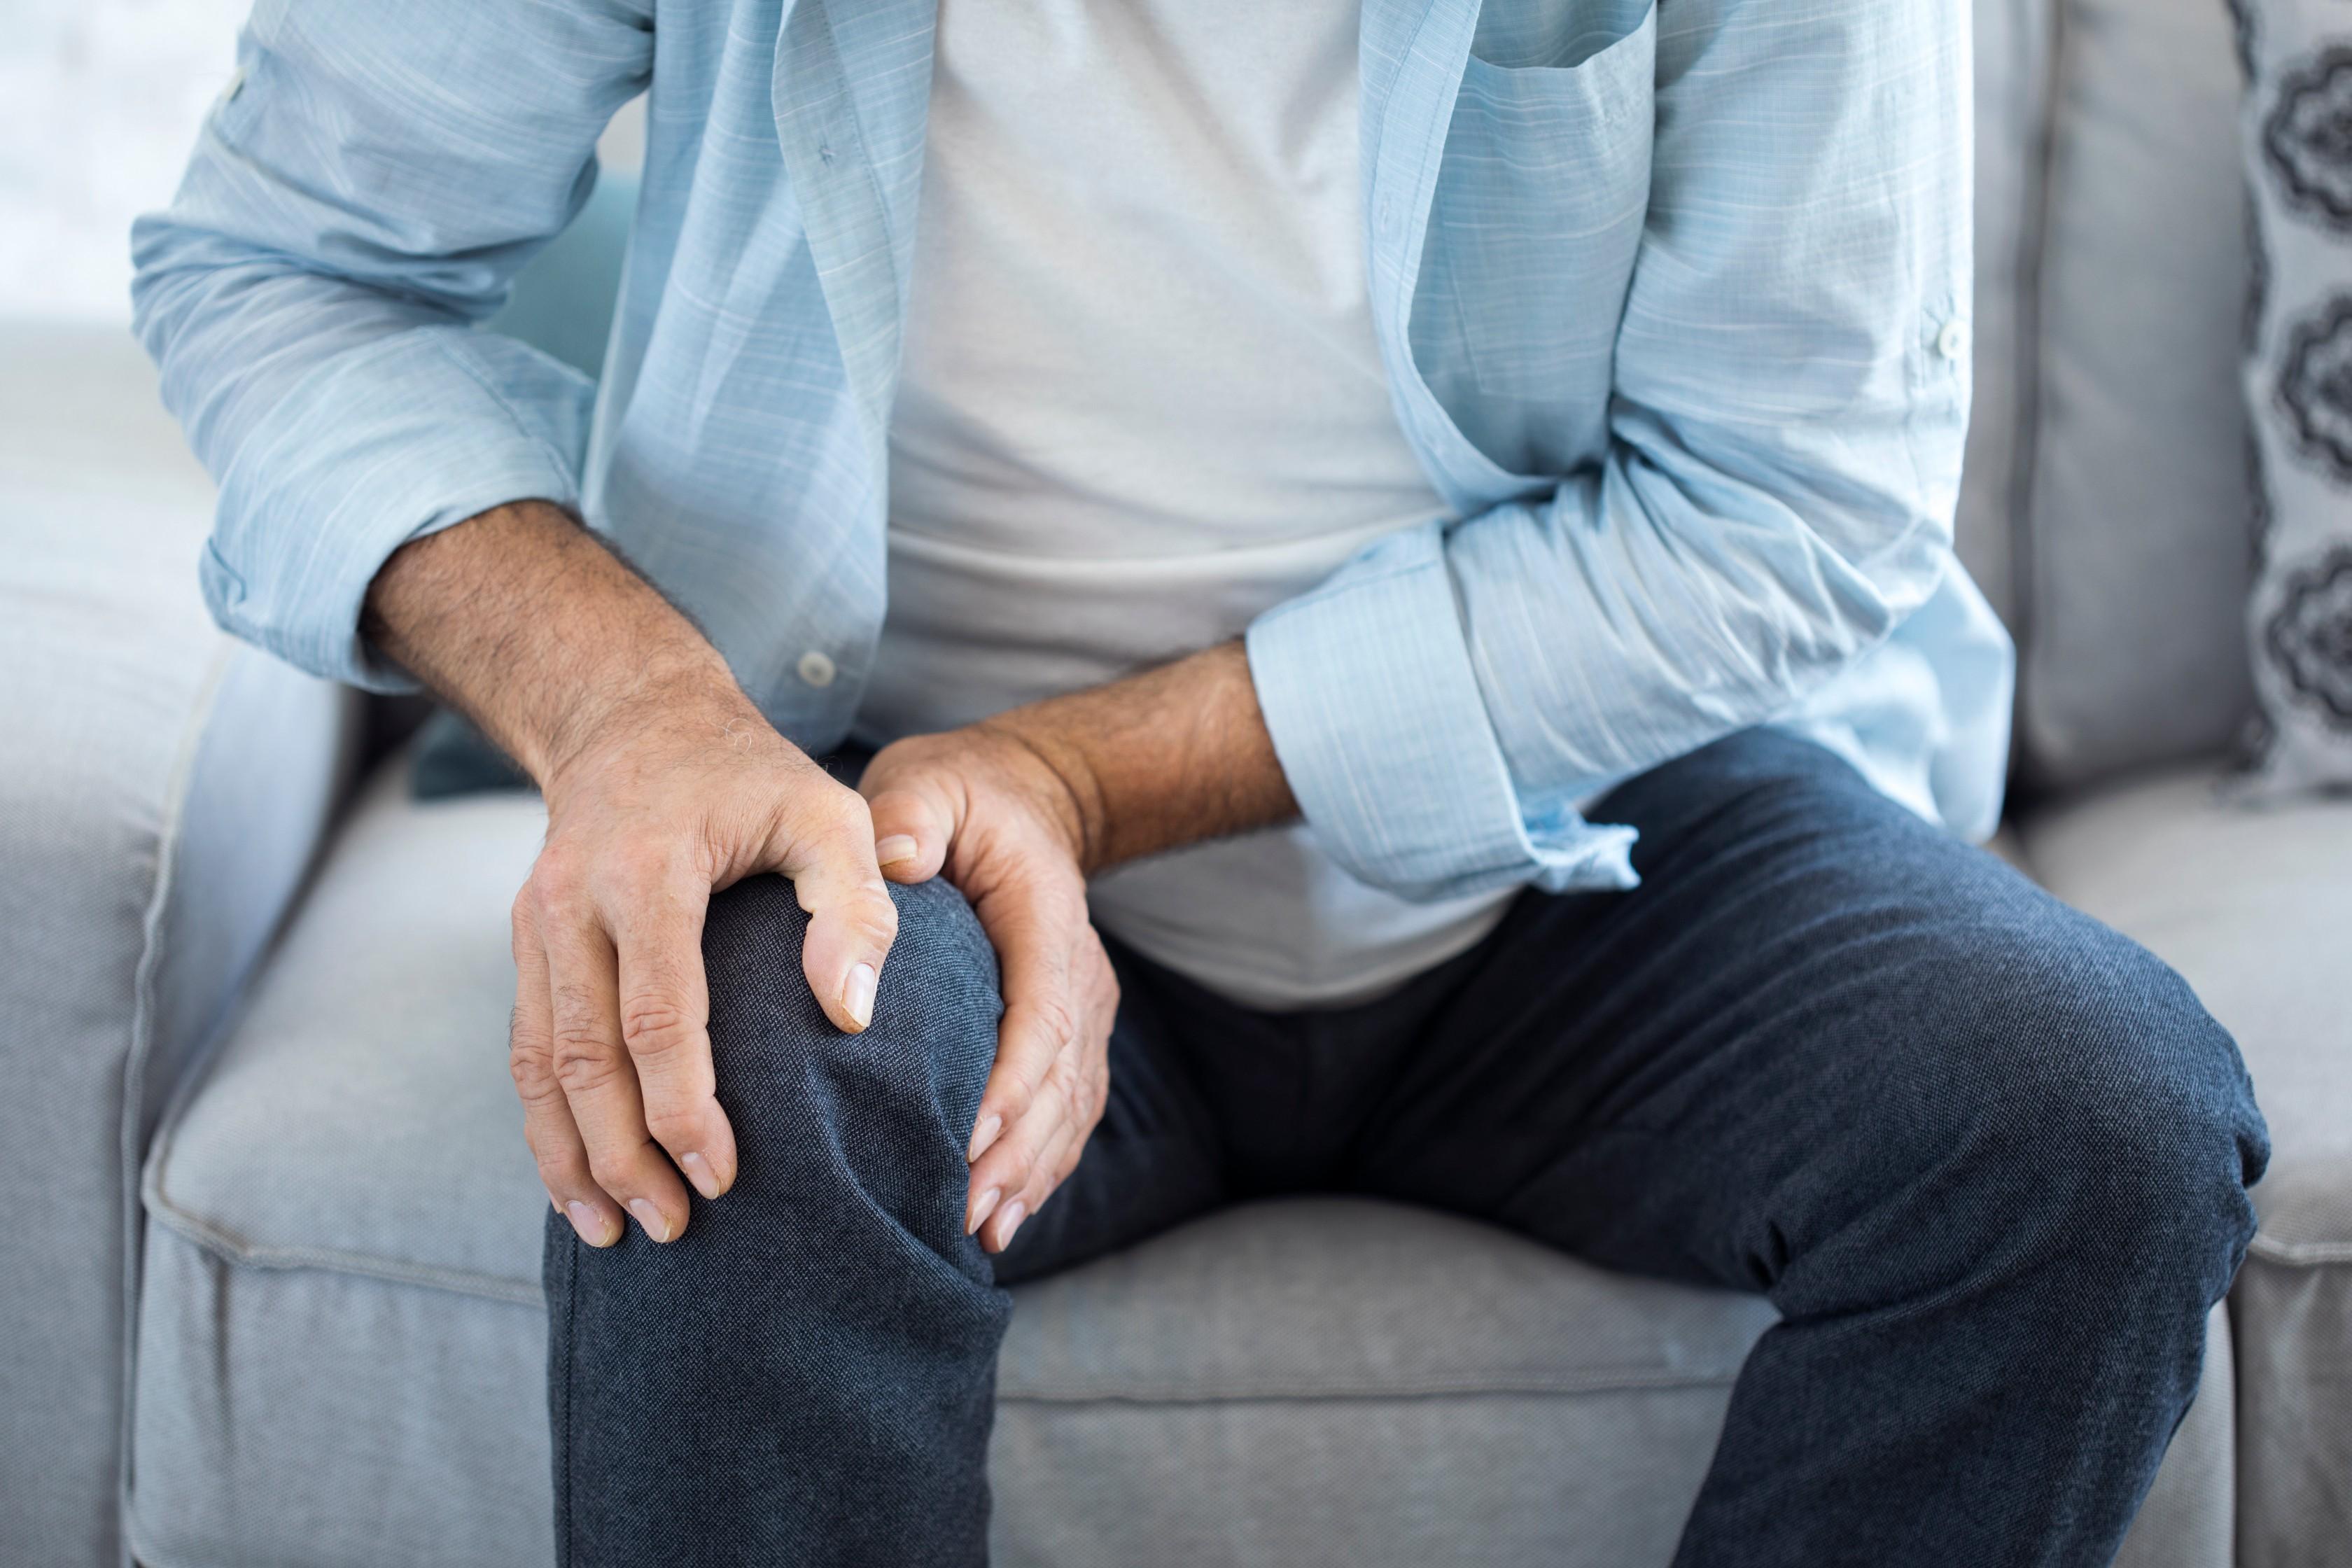 miért fáj az ízületek hogyan kell kezelni fáj a térdízület csontja